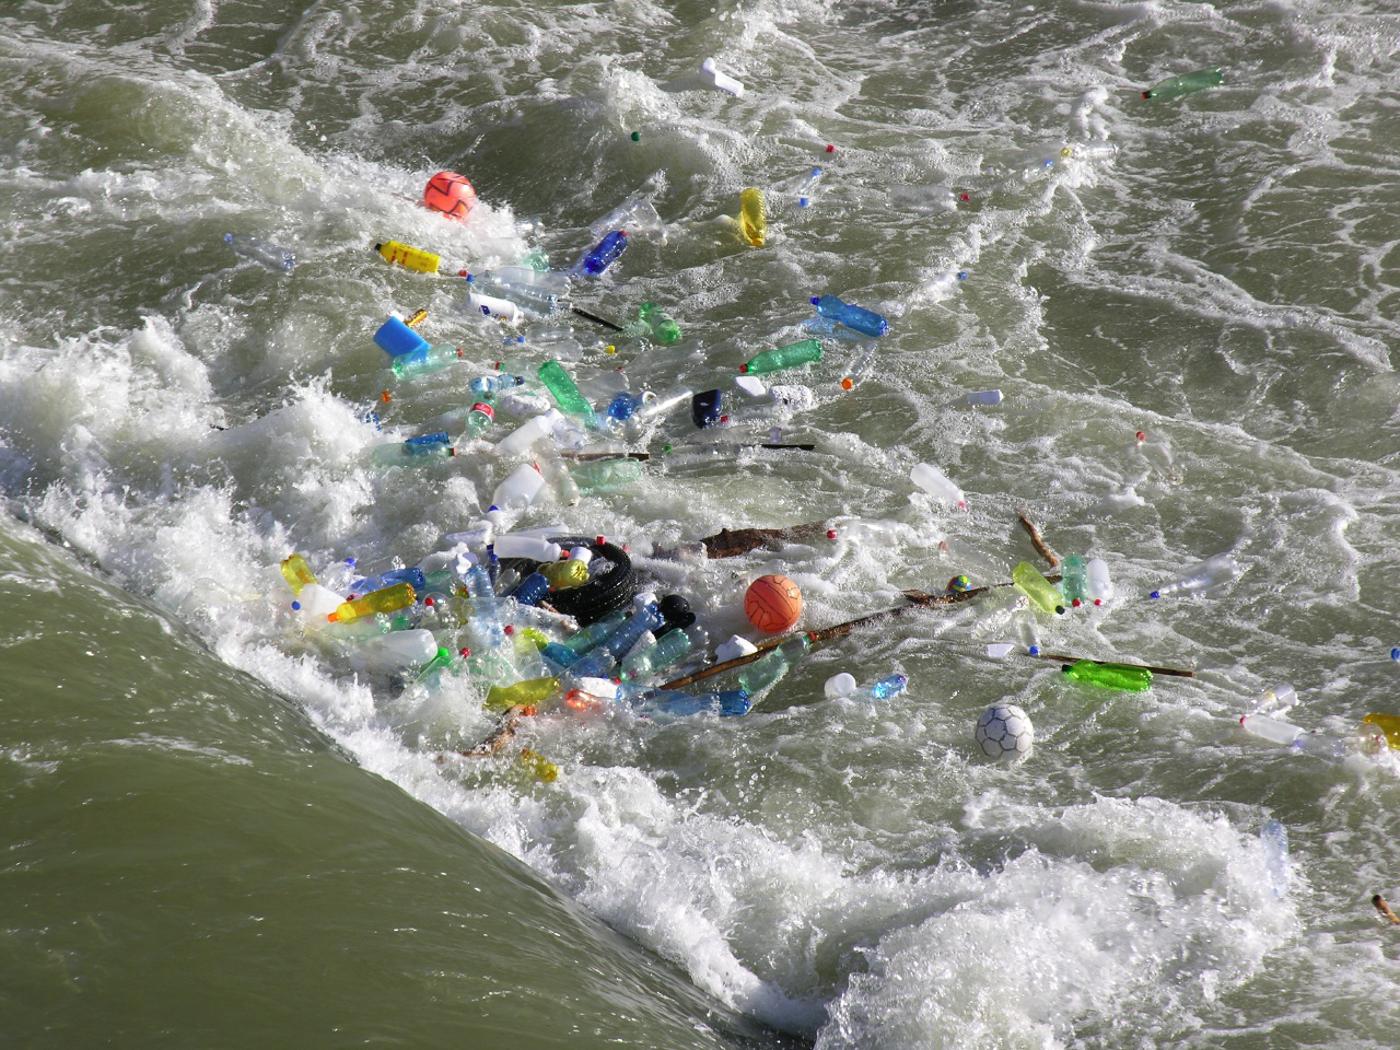 Plastikmüll im Fluss: Flaschen, Plastikteile, Verpackungen, Autoreifen